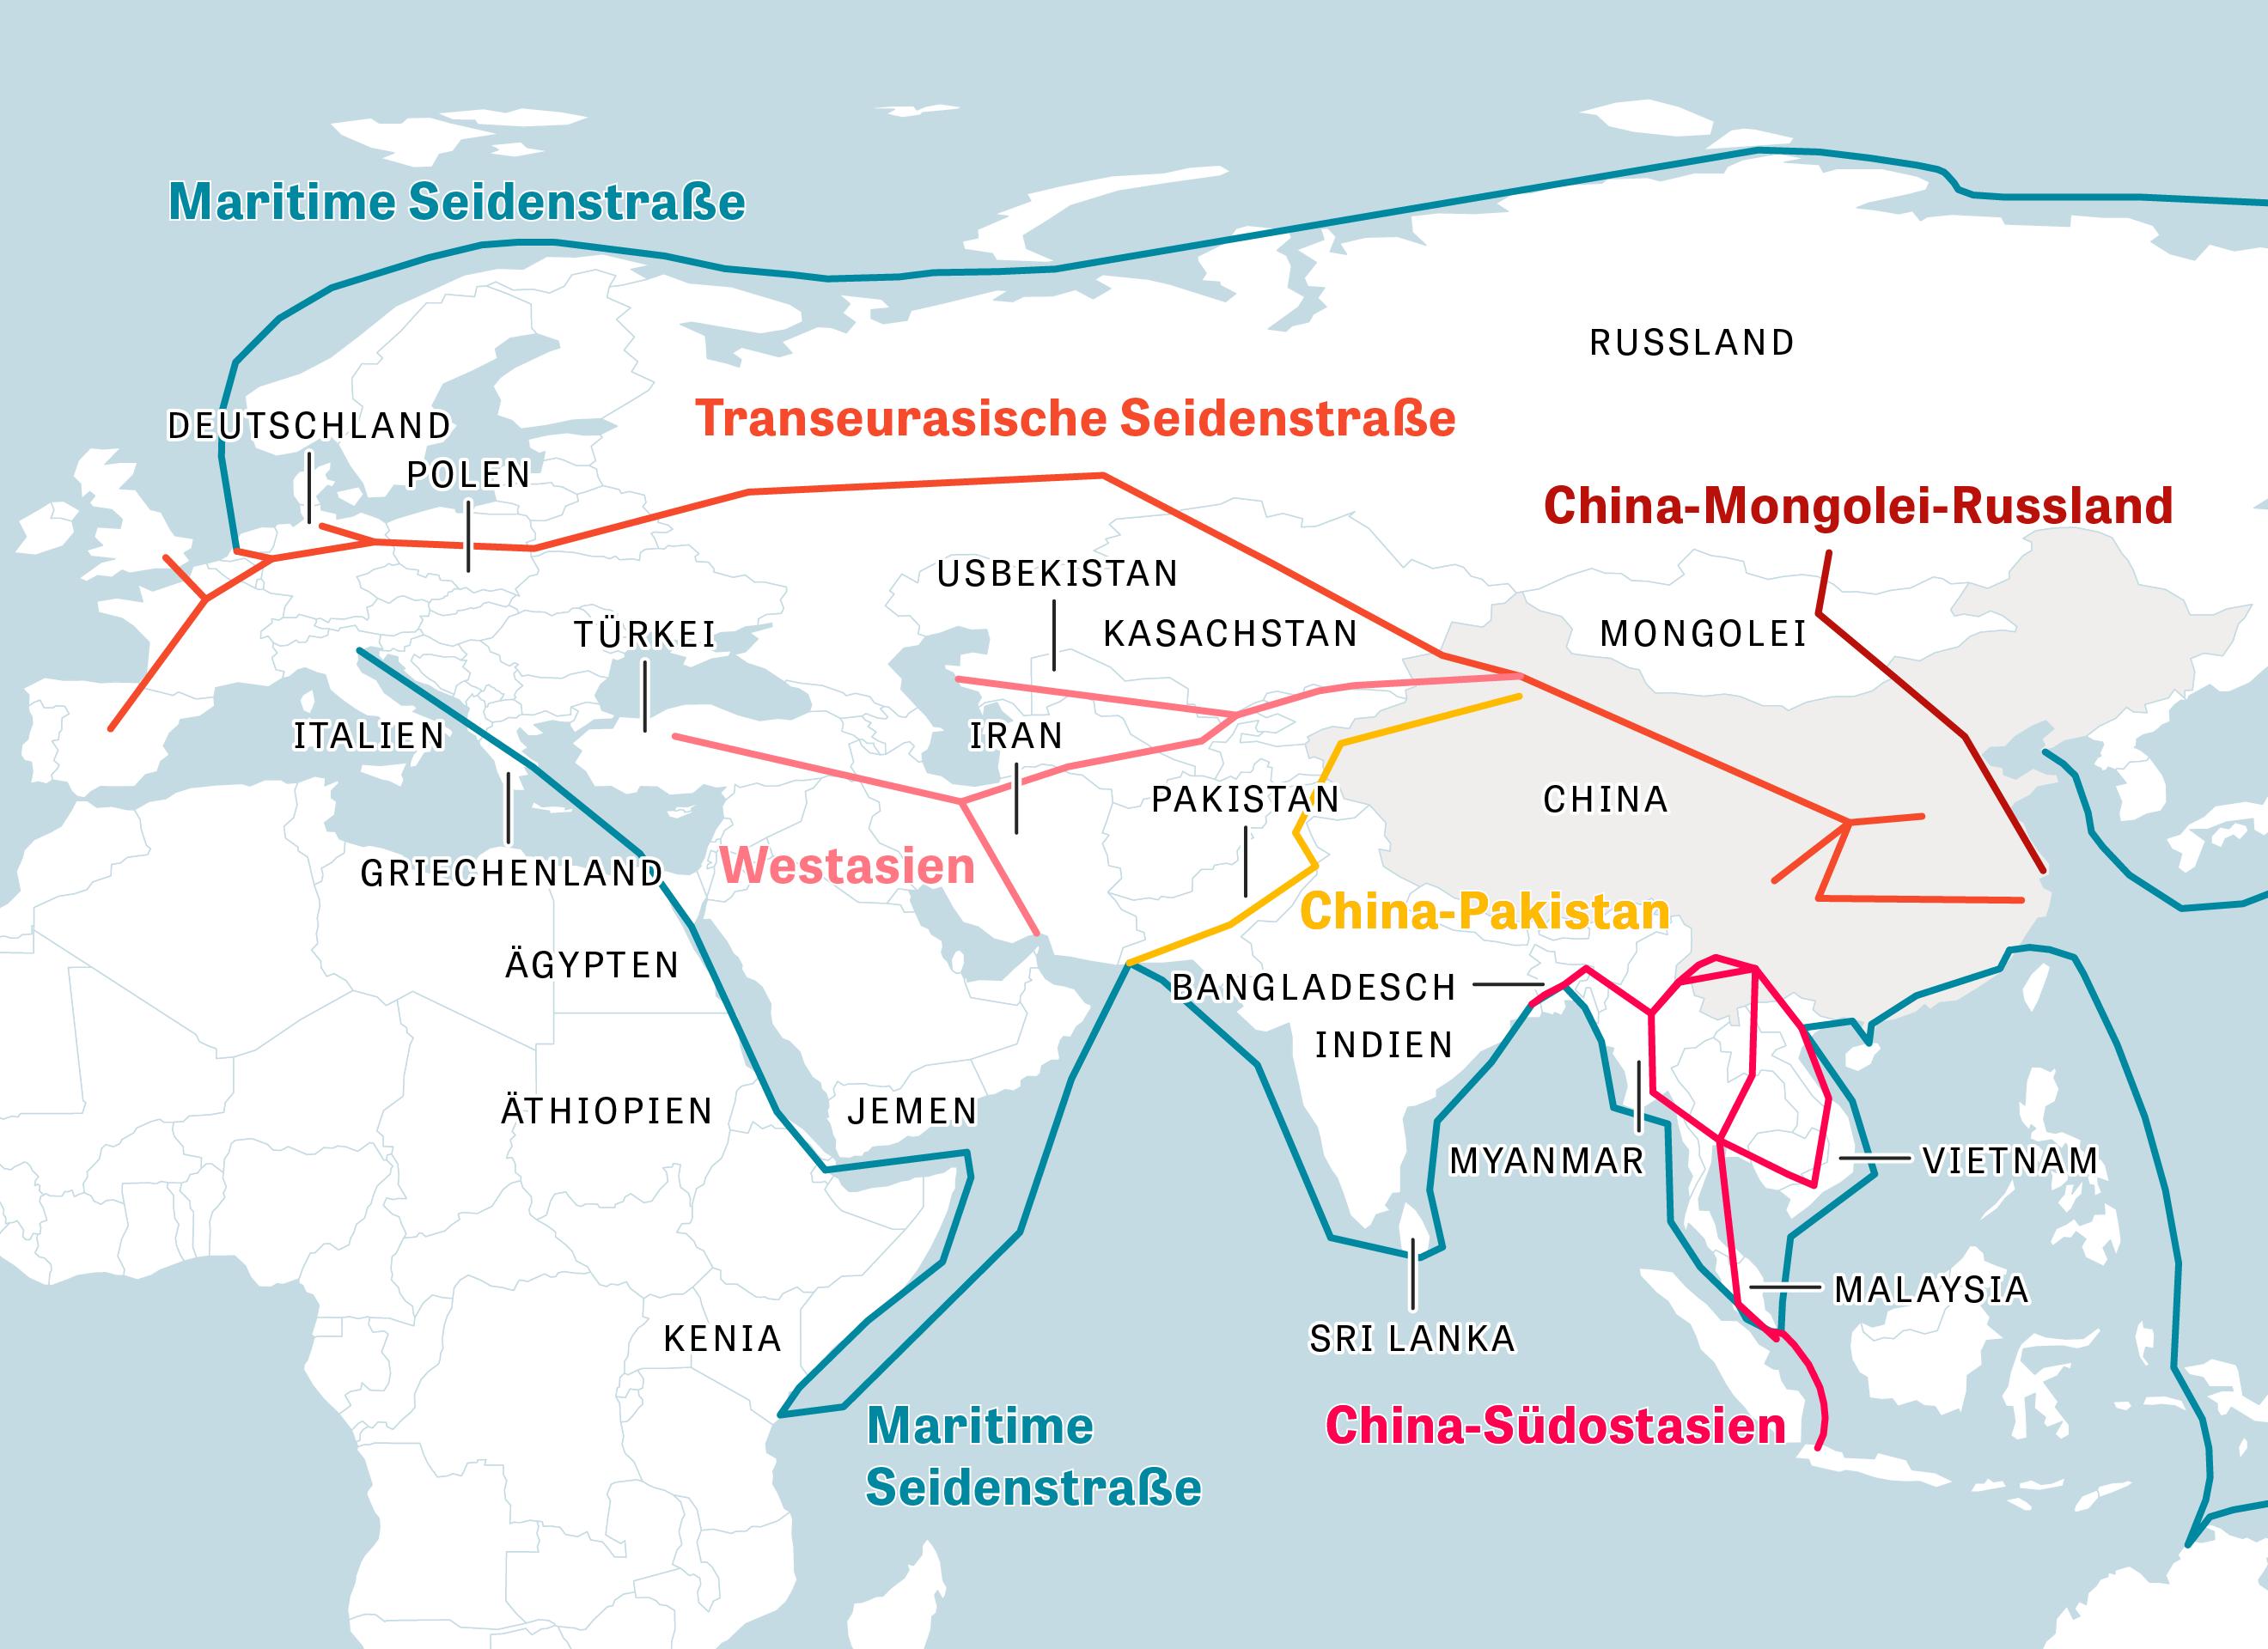 Die Grafik zeigt die geplanten Wirtschaftskorridore der chinesischen Belt-and-Road- und Seidenstraßen-Initiative.